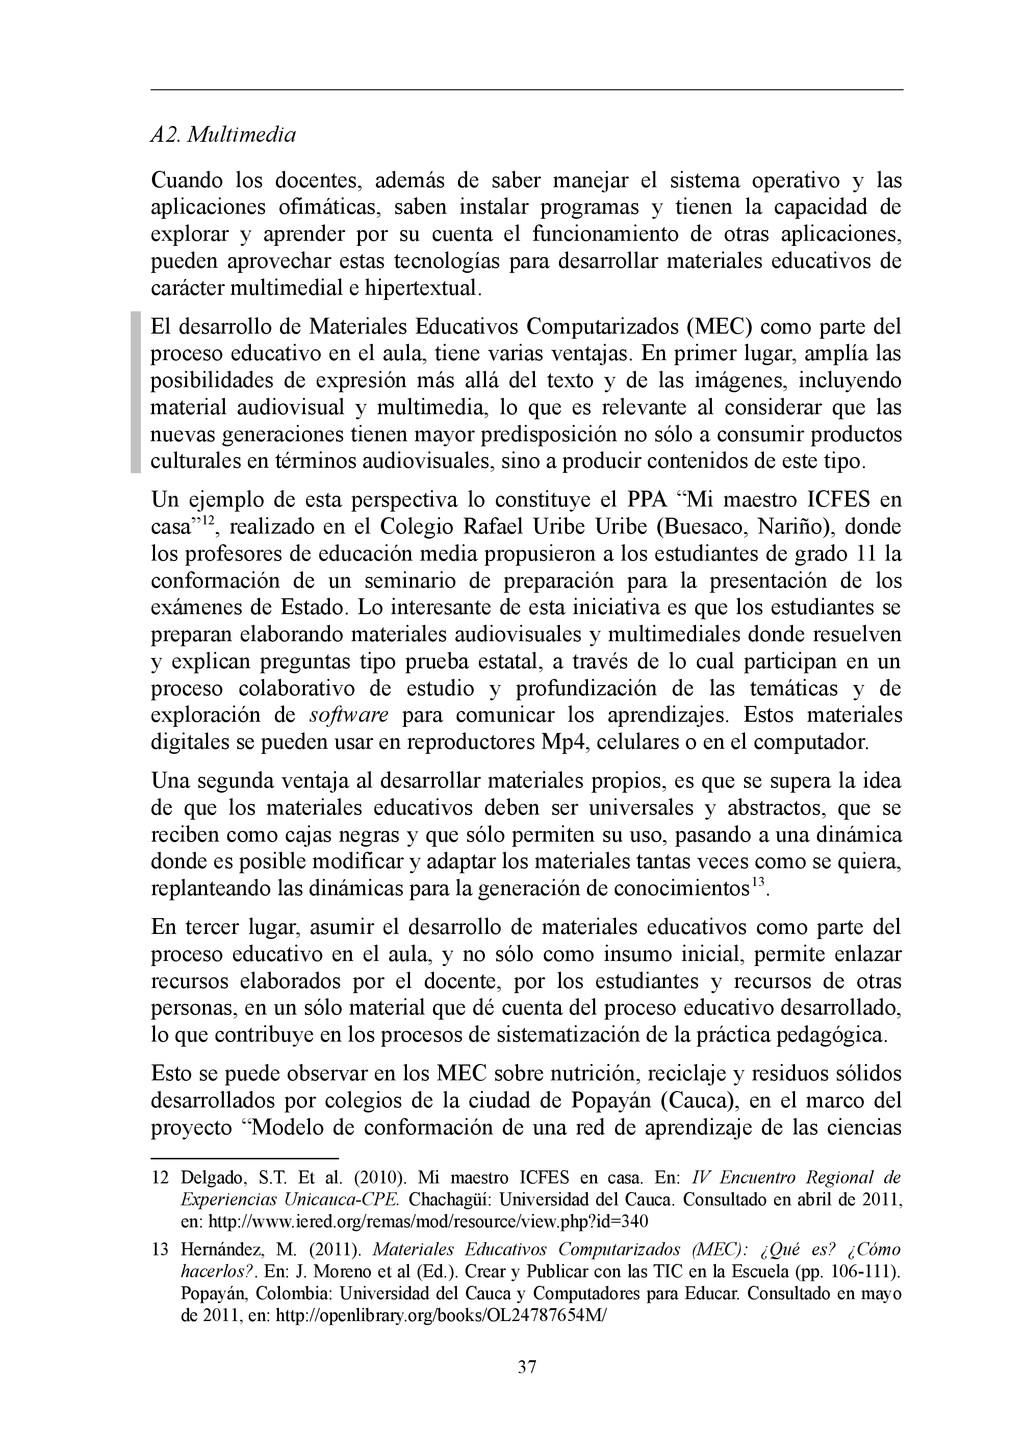 A2. Multimedia Cuando los docentes, además de s...